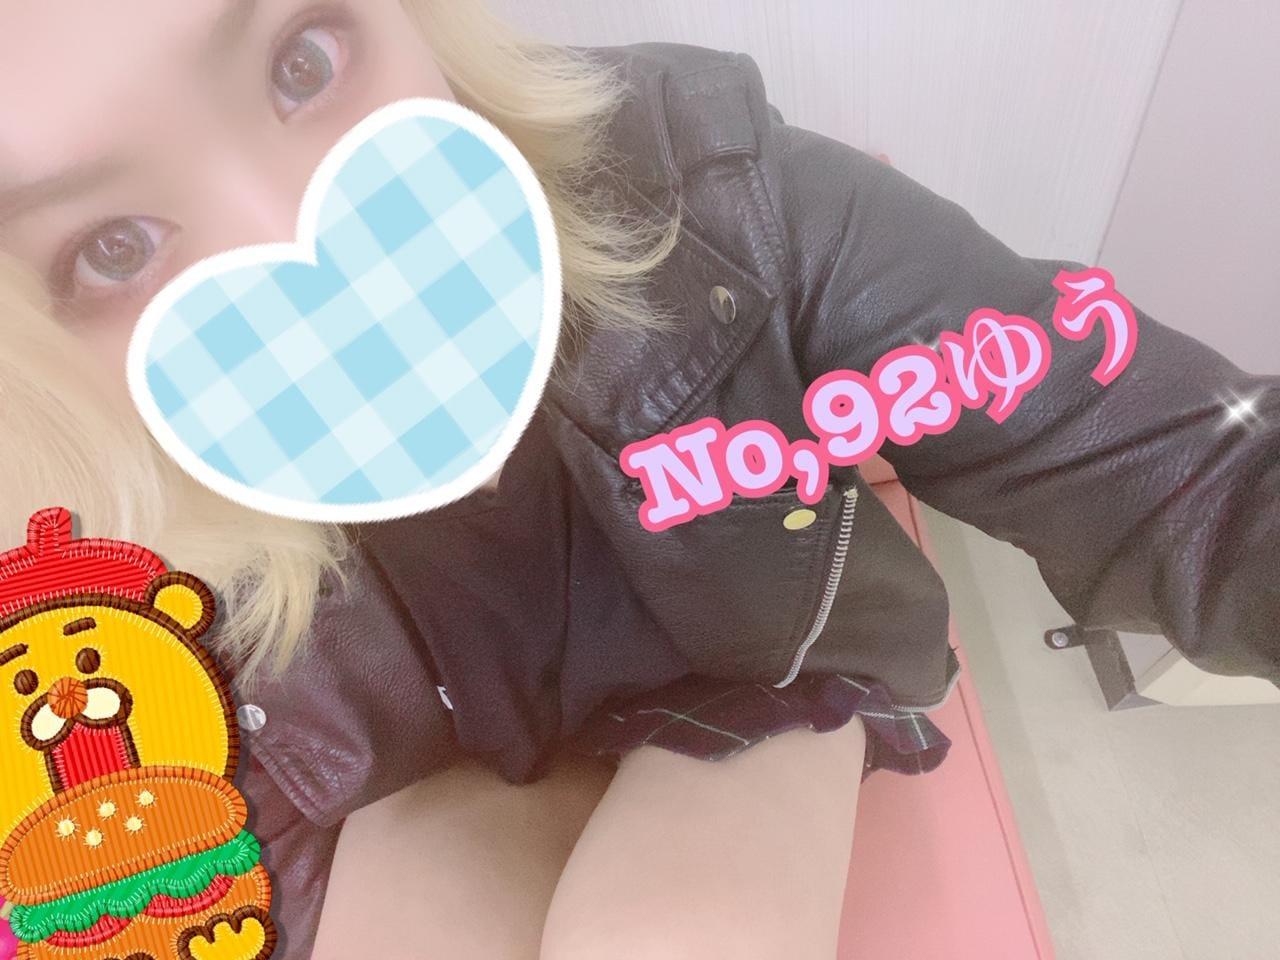 「おはよう\( ⍢ )/」11/09(土) 09:00 | ゆうの写メ・風俗動画